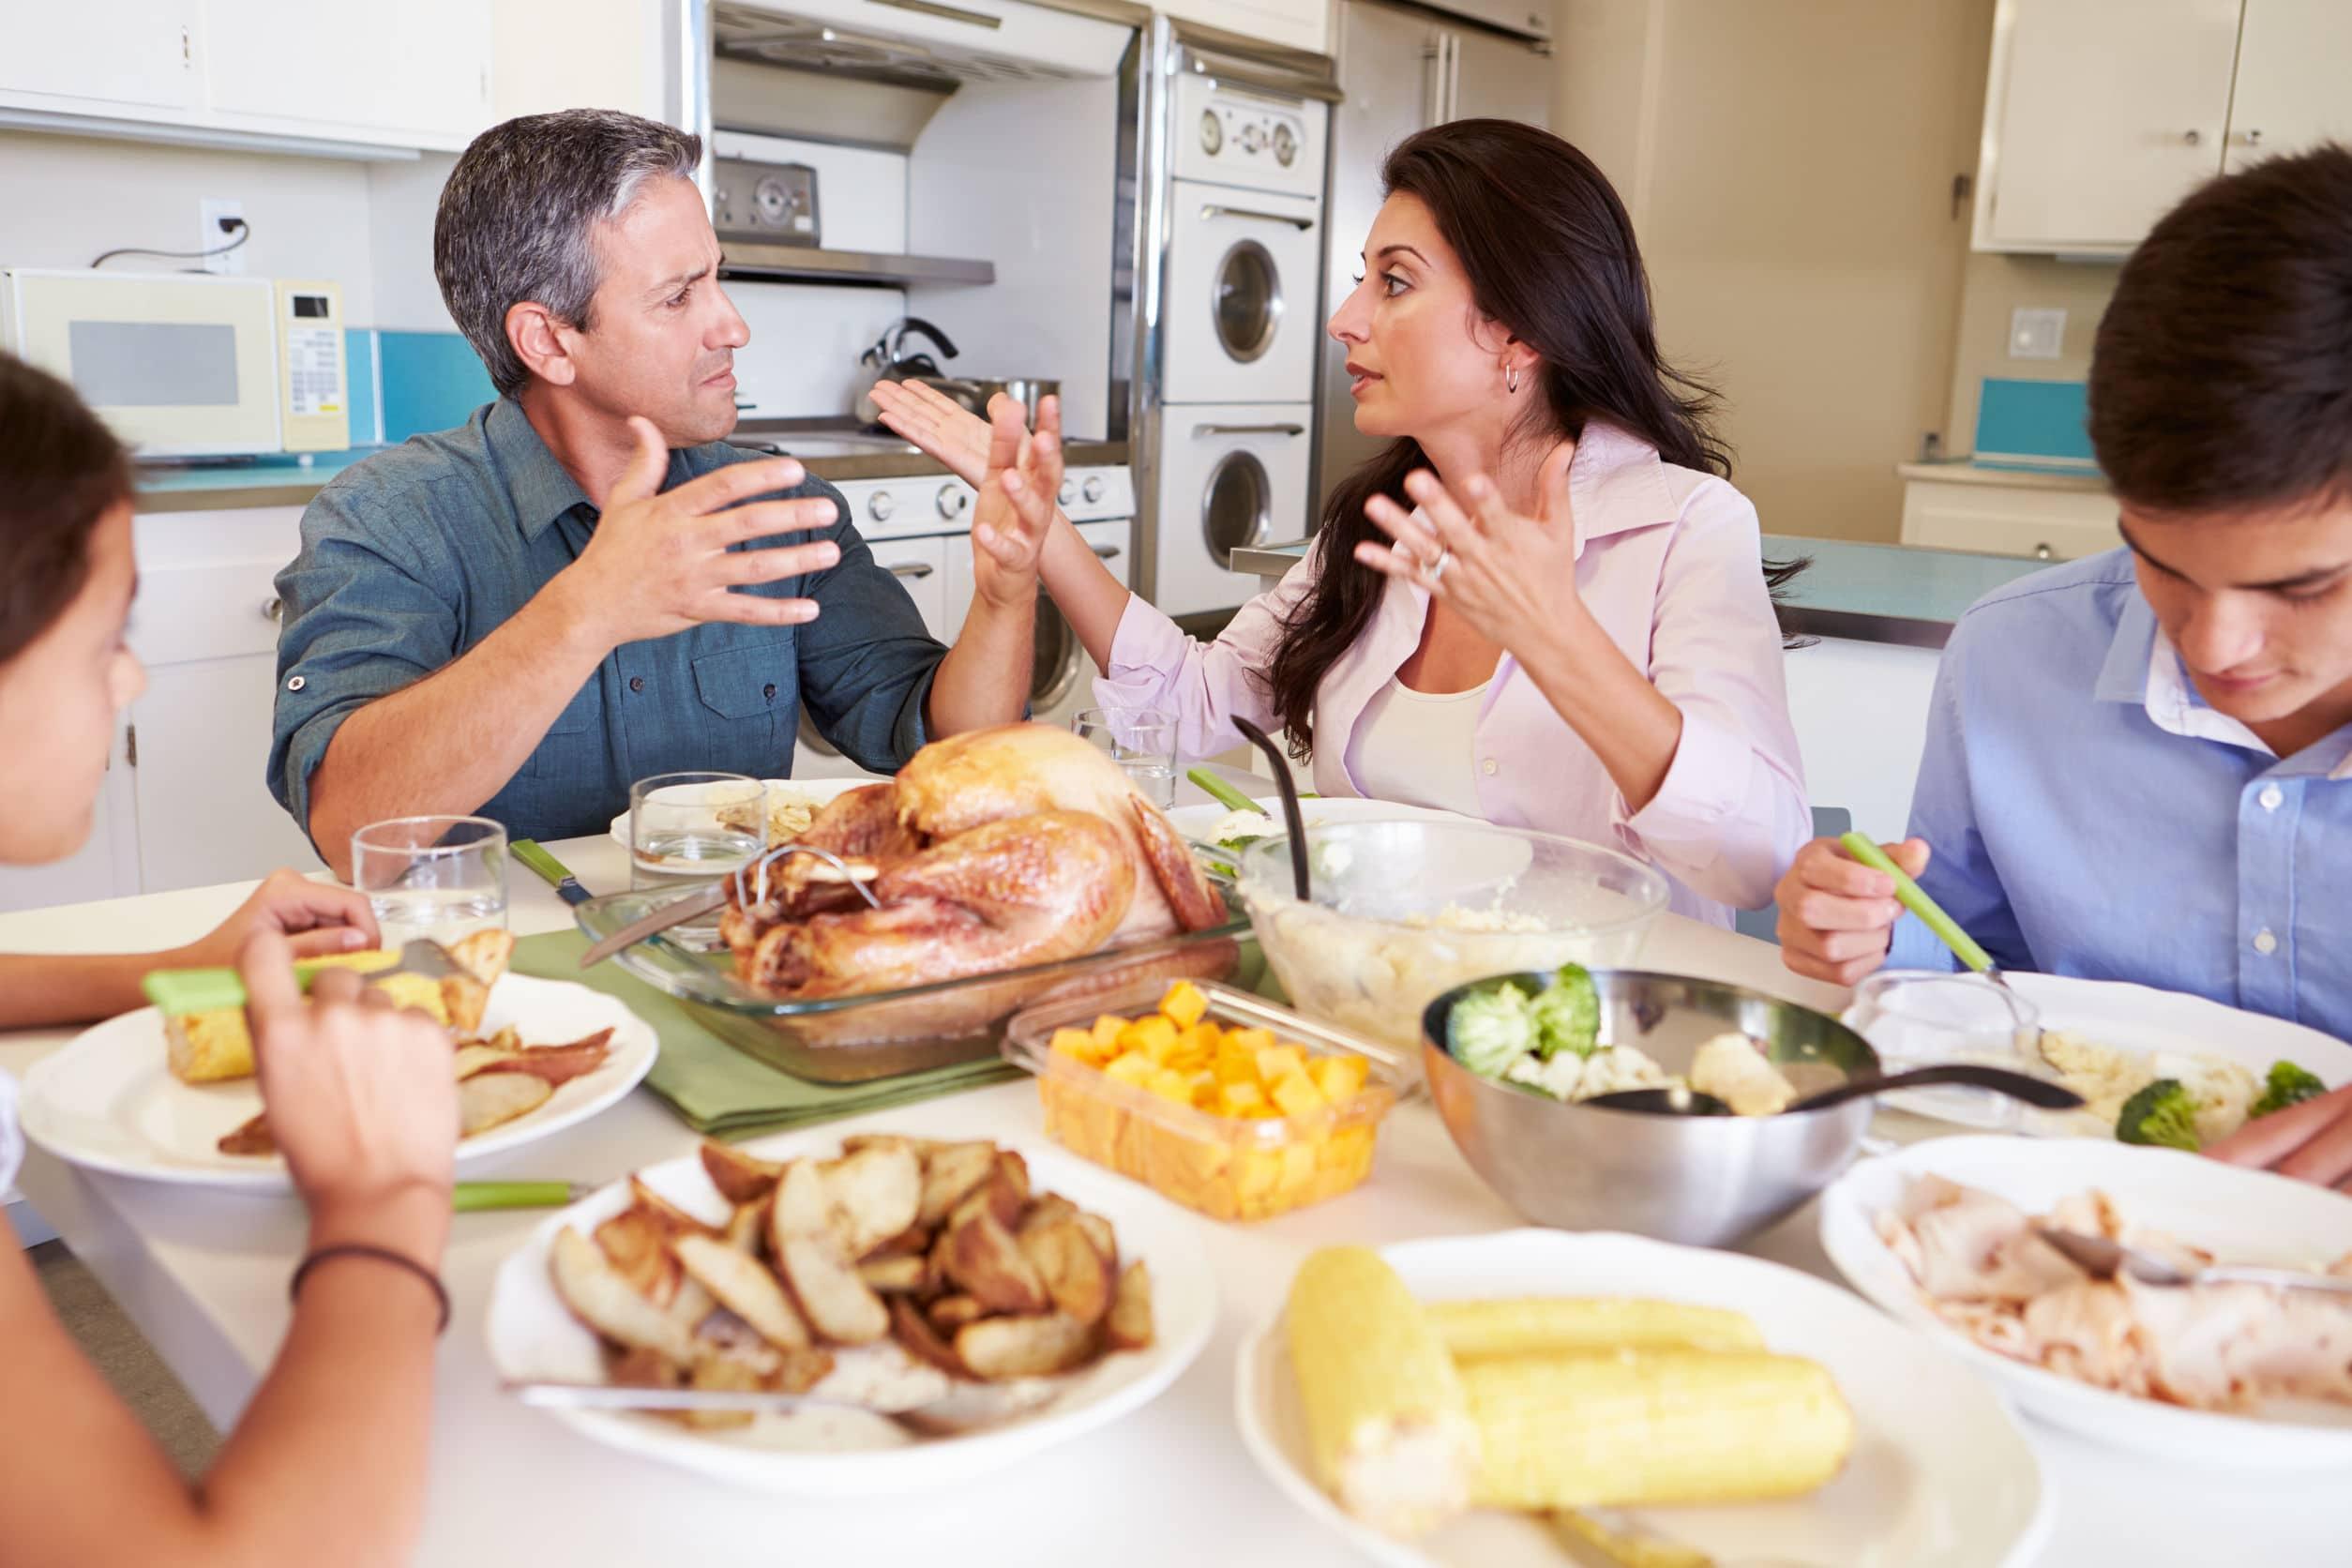 Família discutindo sentados à mesa enquanto jantam.